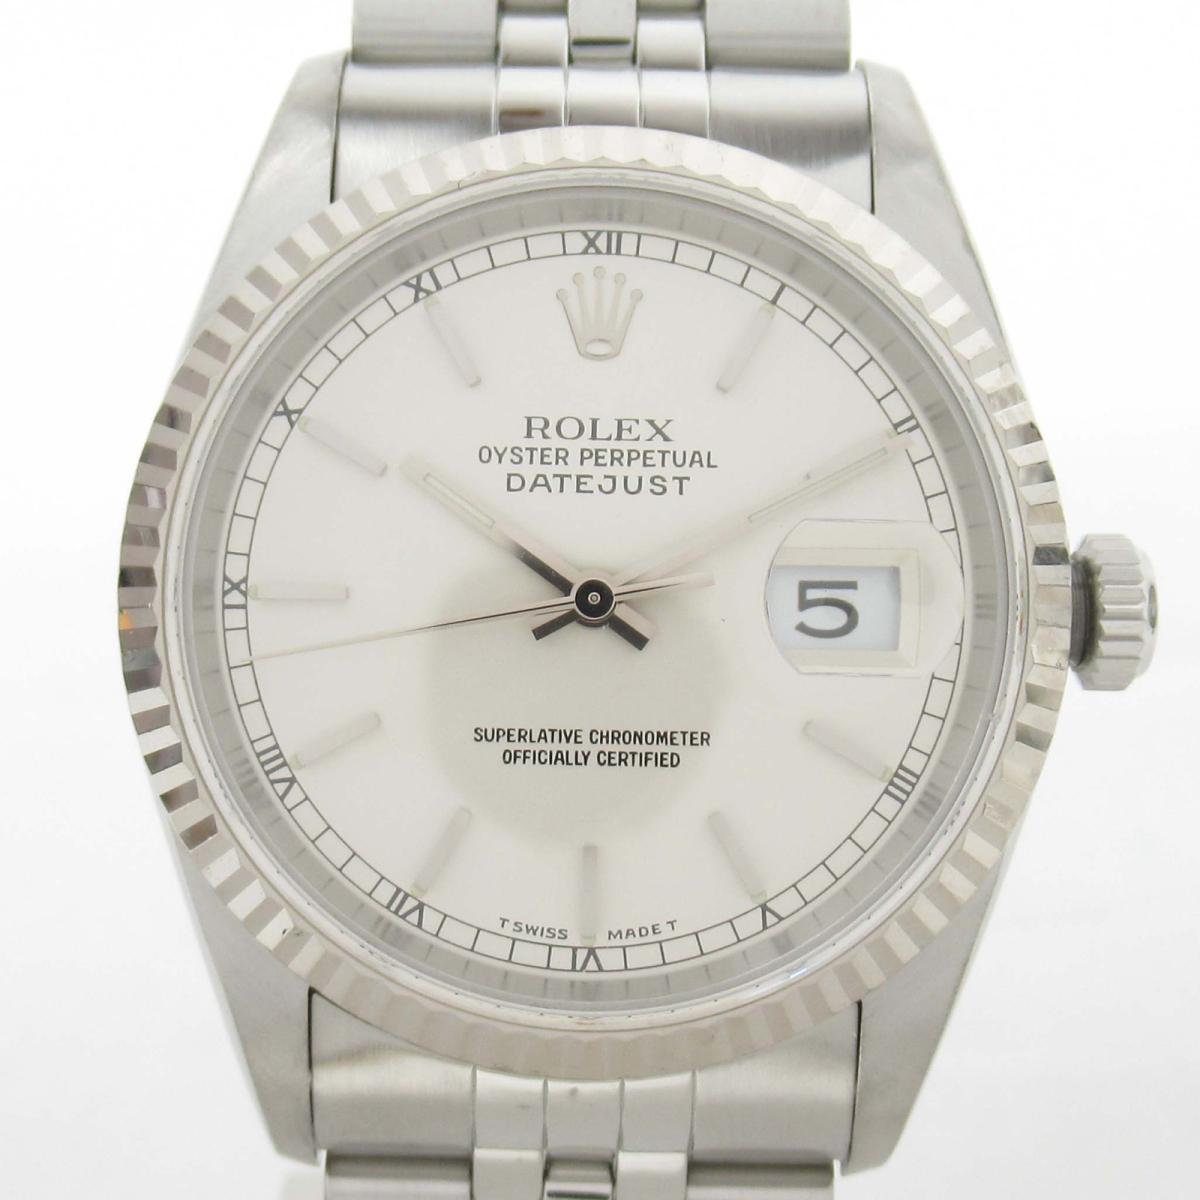 【中古】 ロレックス デイトジャスト ウォッチ 腕時計 メンズ 18Kホワイトゴールド x ステンレススチール (SS) (16234 U番) | ROLEX BRANDOFF ブランドオフ ブランド ブランド時計 ブランド腕時計 時計